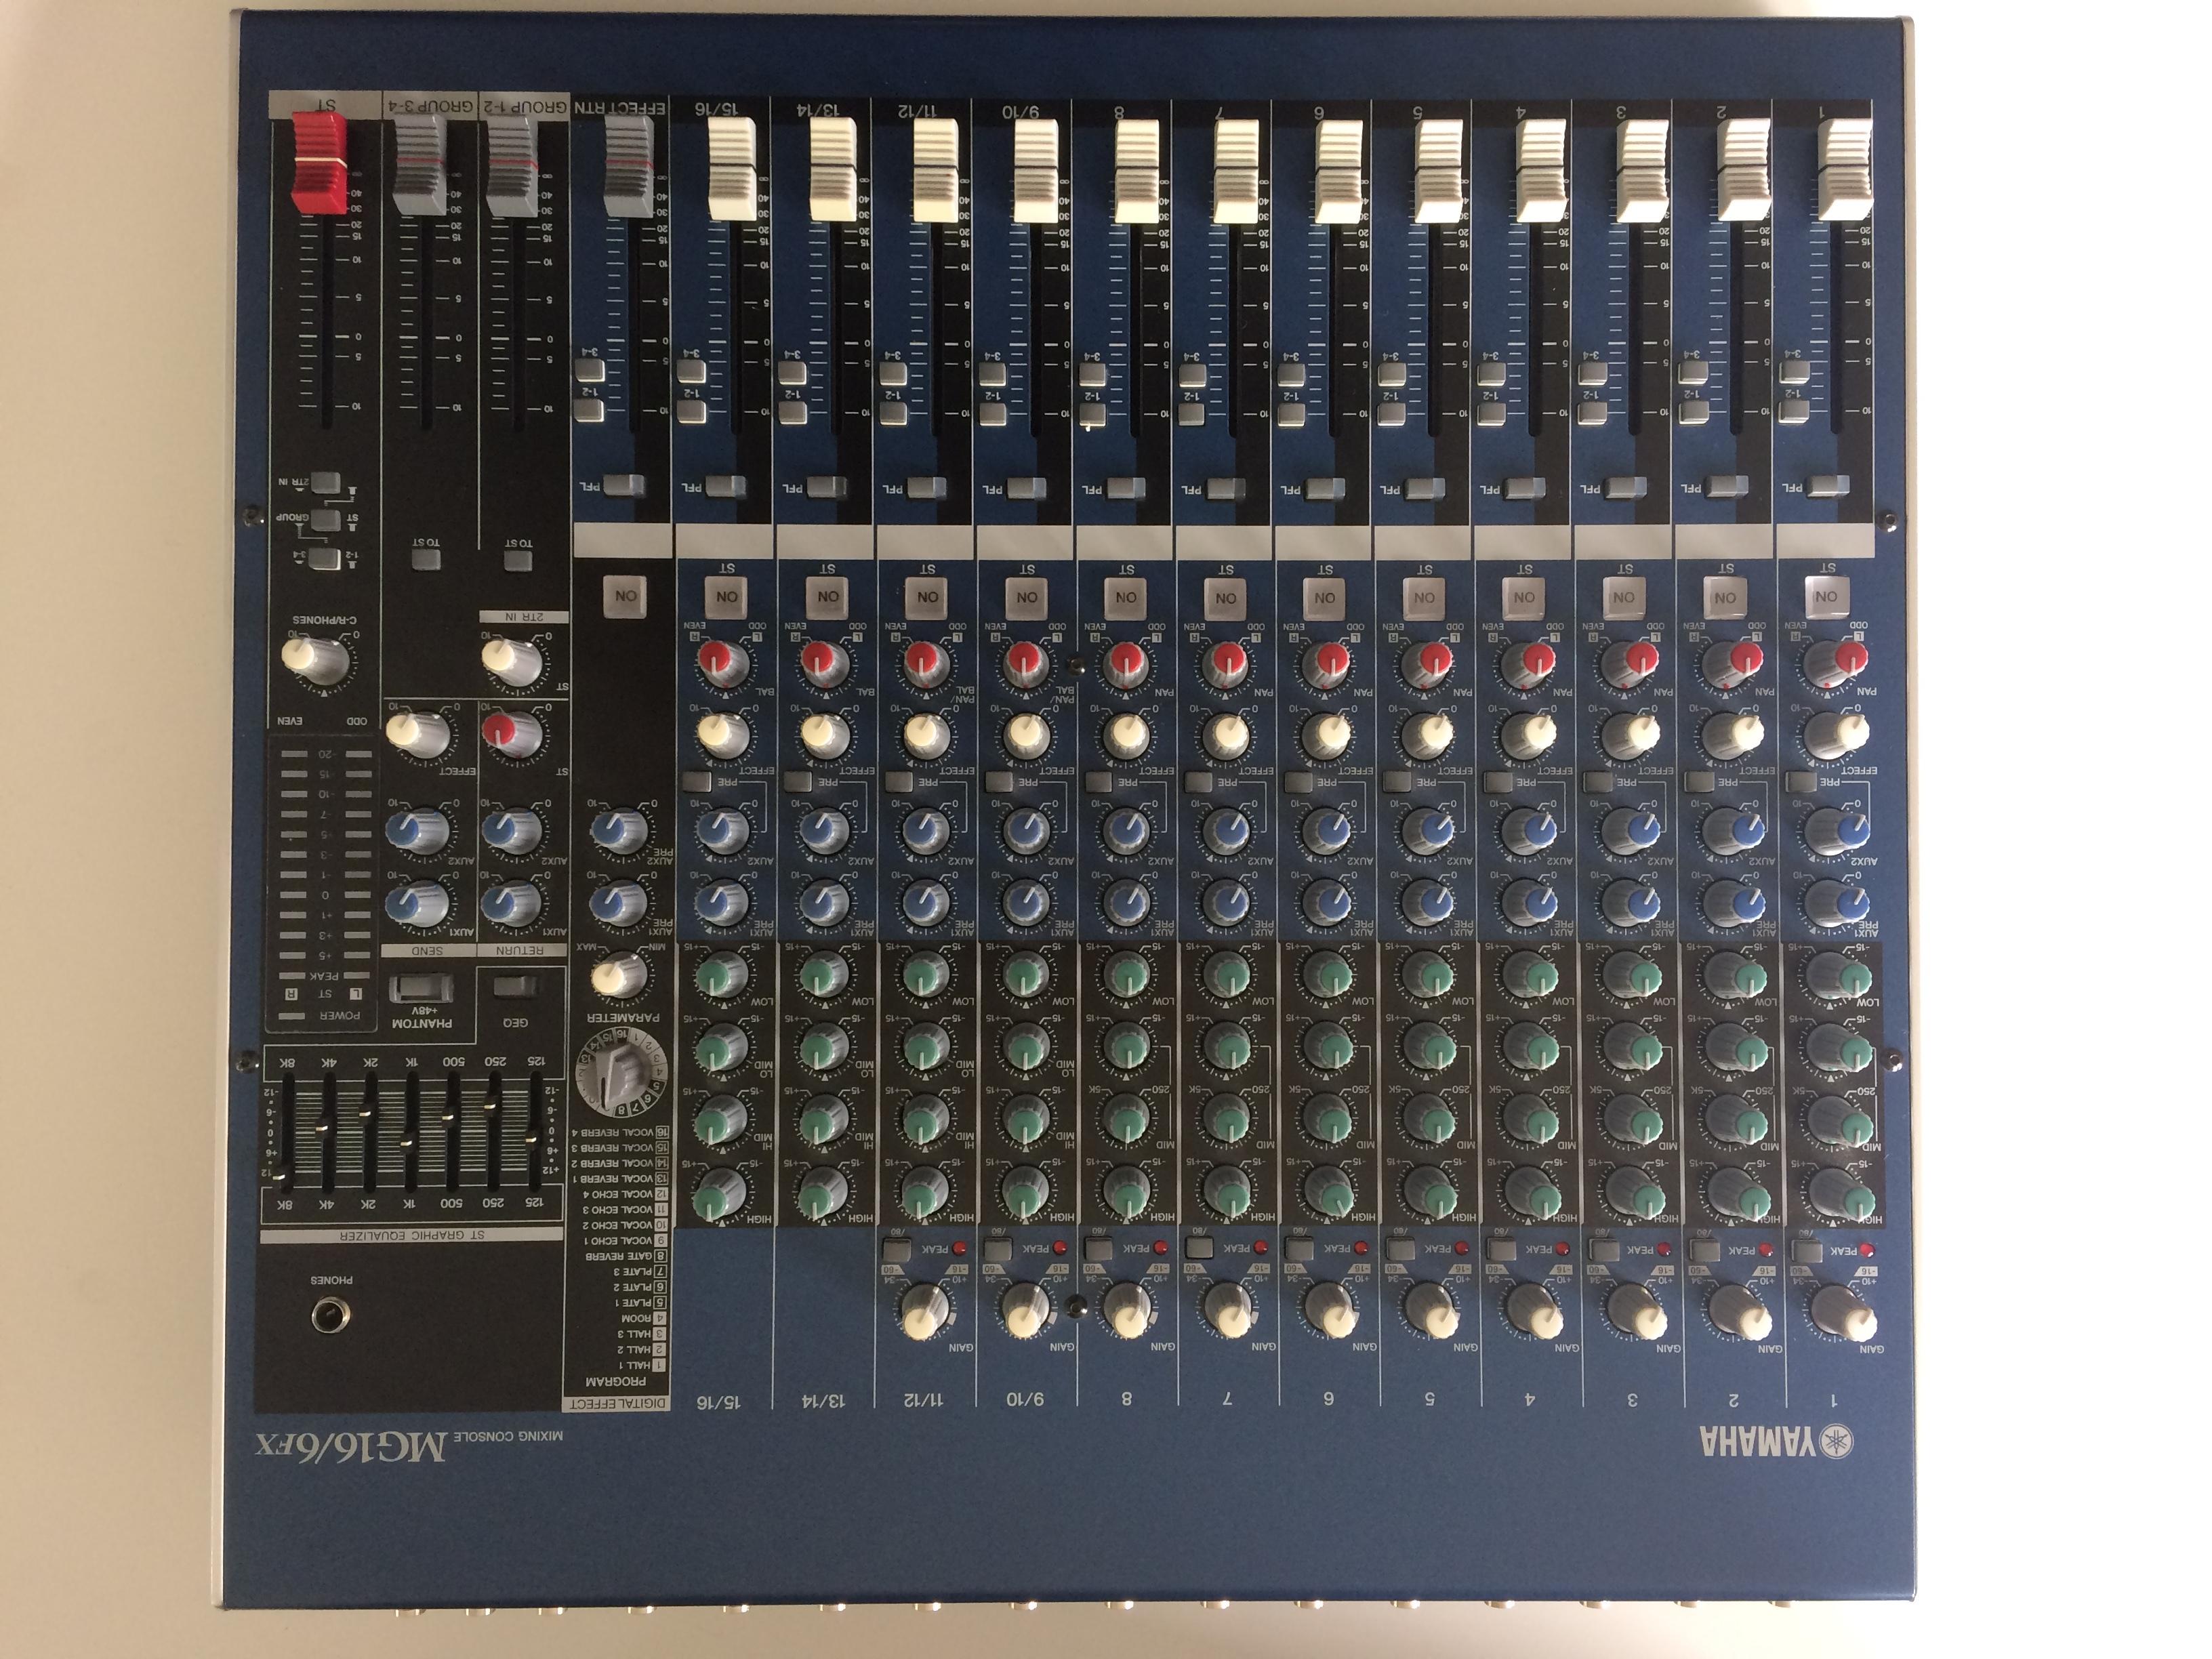 No Name Console / Table de mixage analogique image (#2015163 ...